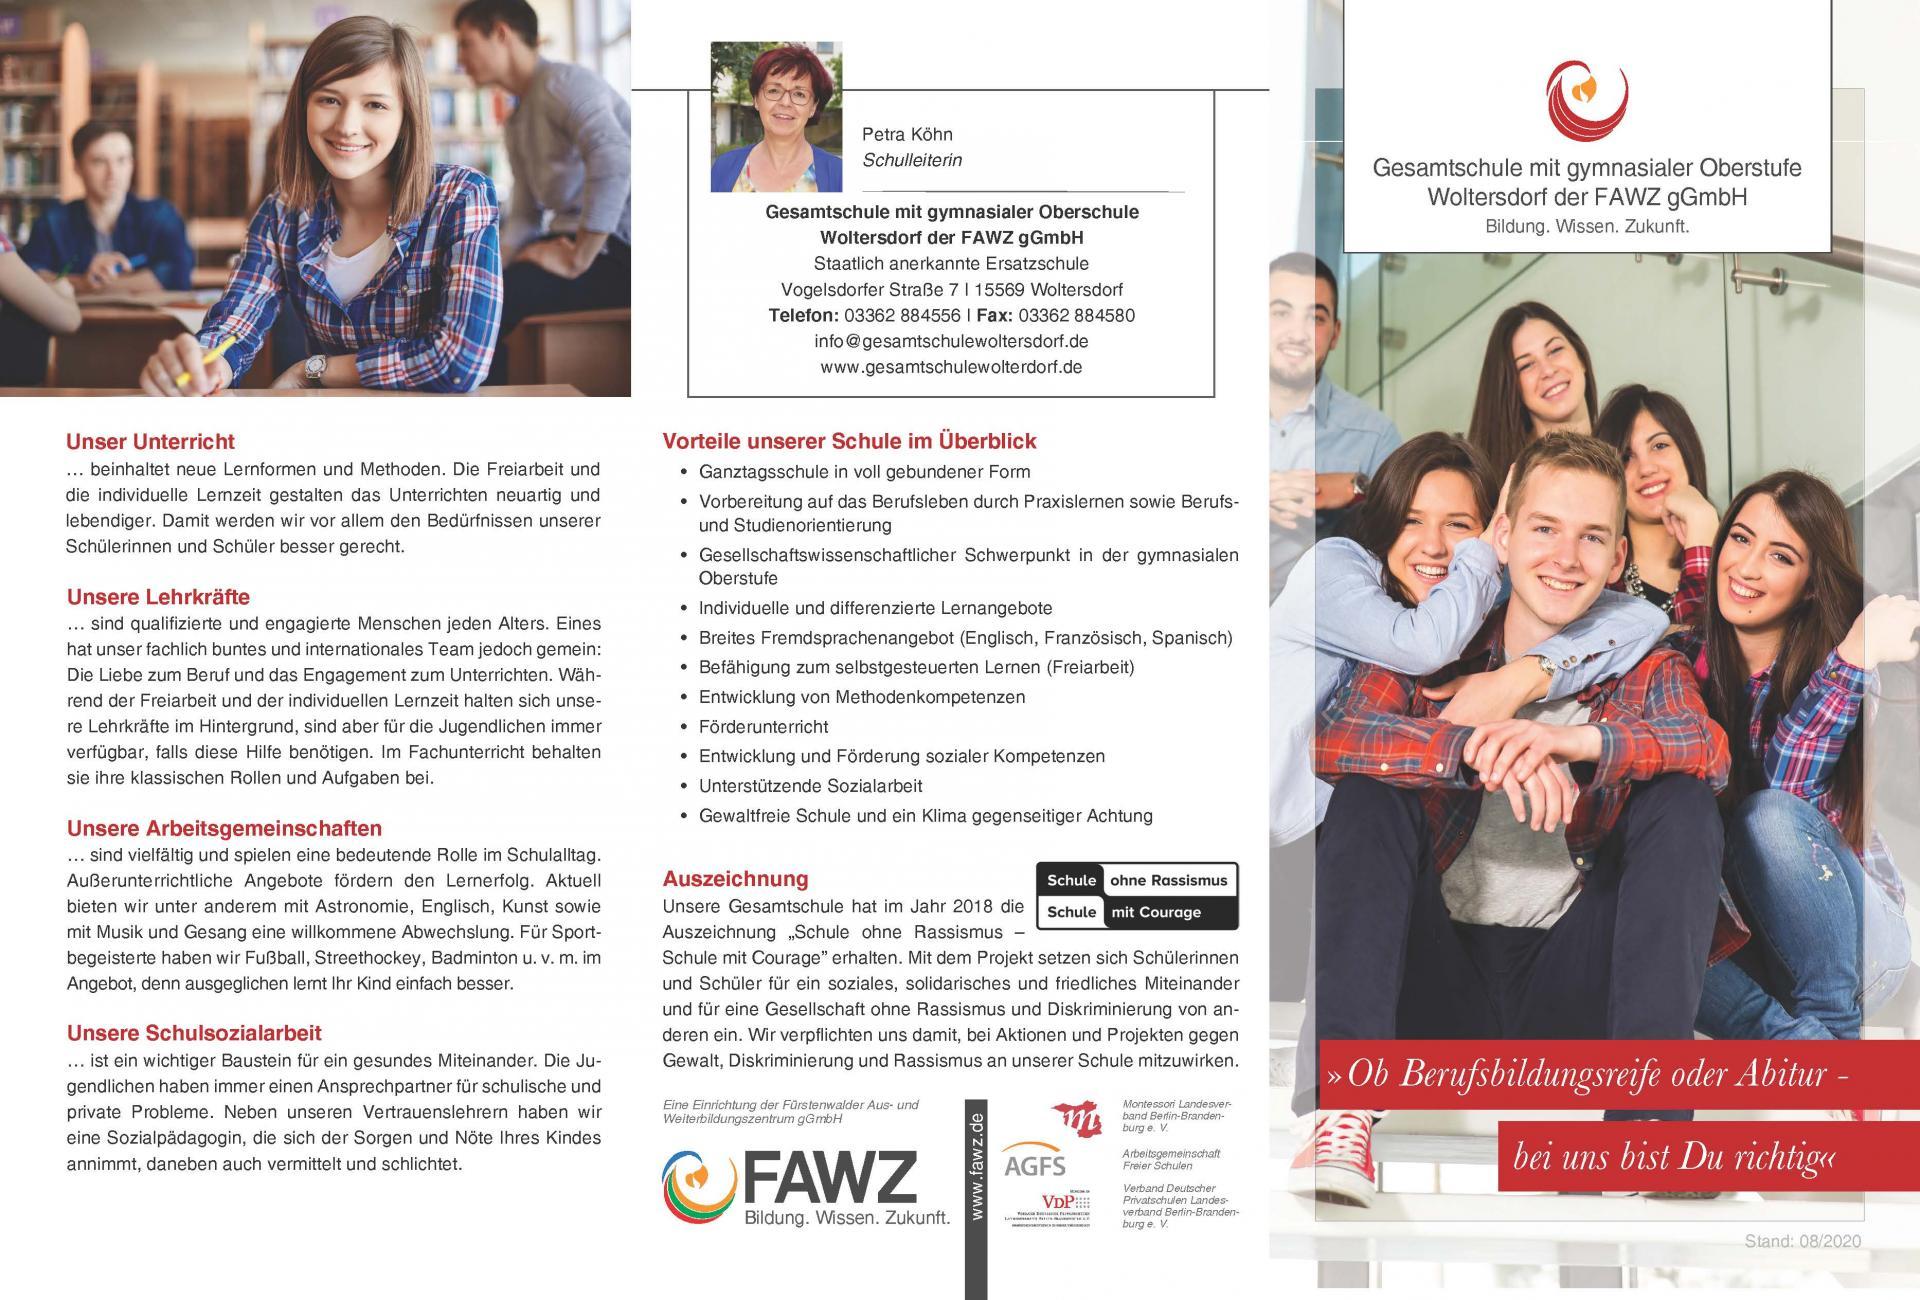 Gesamtschule-mit-gymnasialer-Oberstufe-Woltersdorf_Flyer_2020_Seite_1